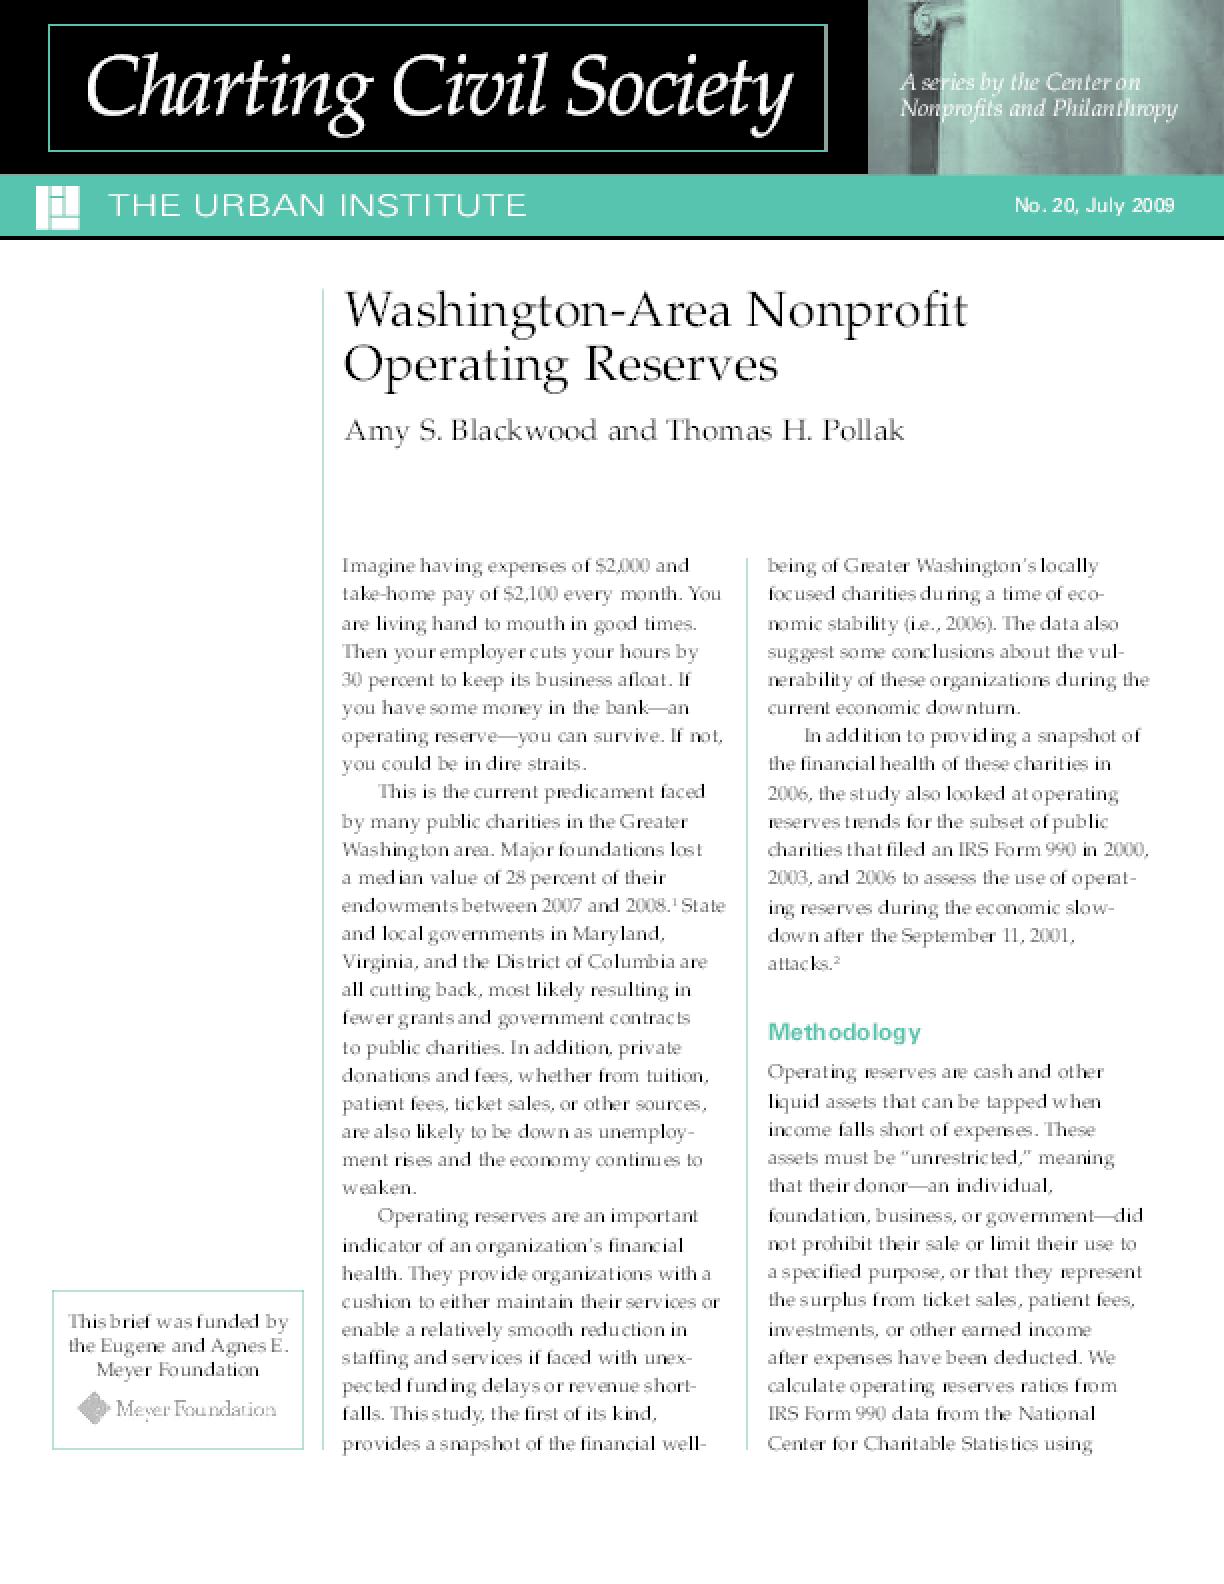 Washington-Area Nonprofit Operating Reserves